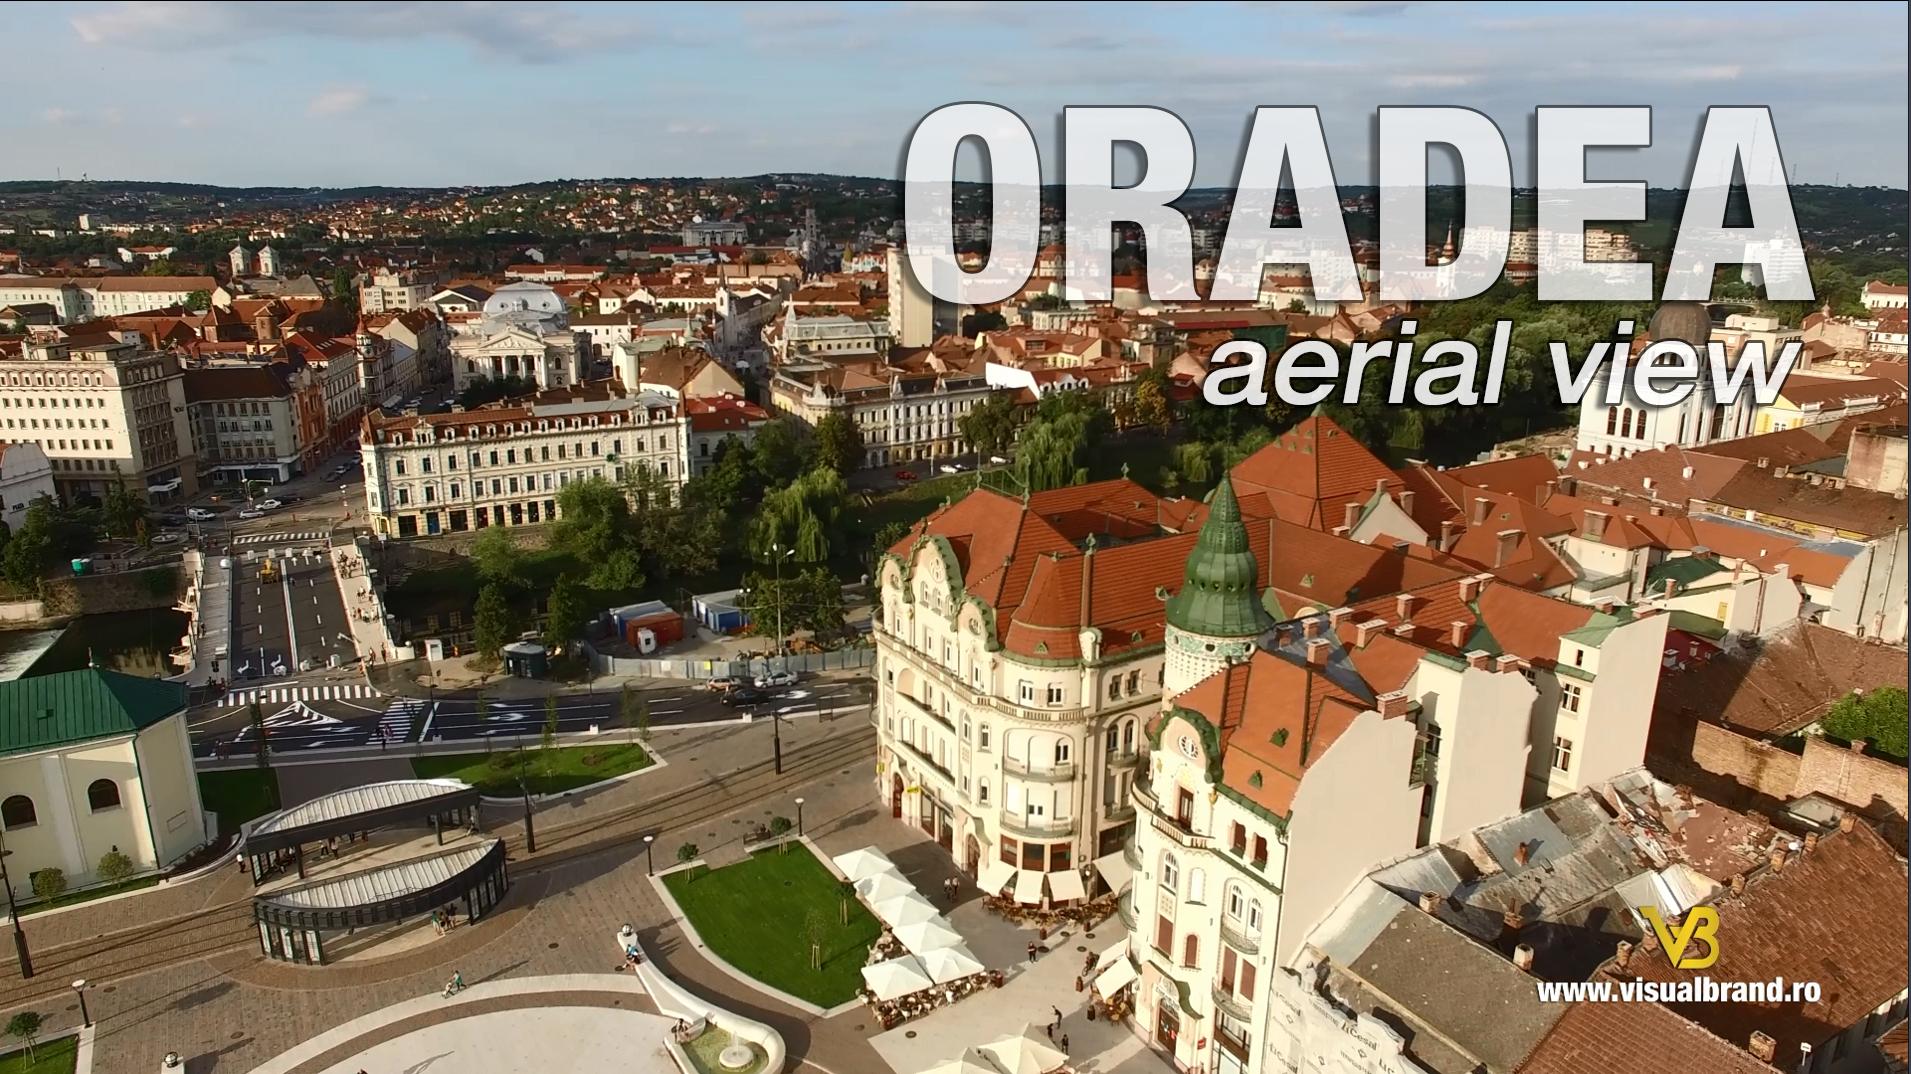 Filmari cu drona Oradea